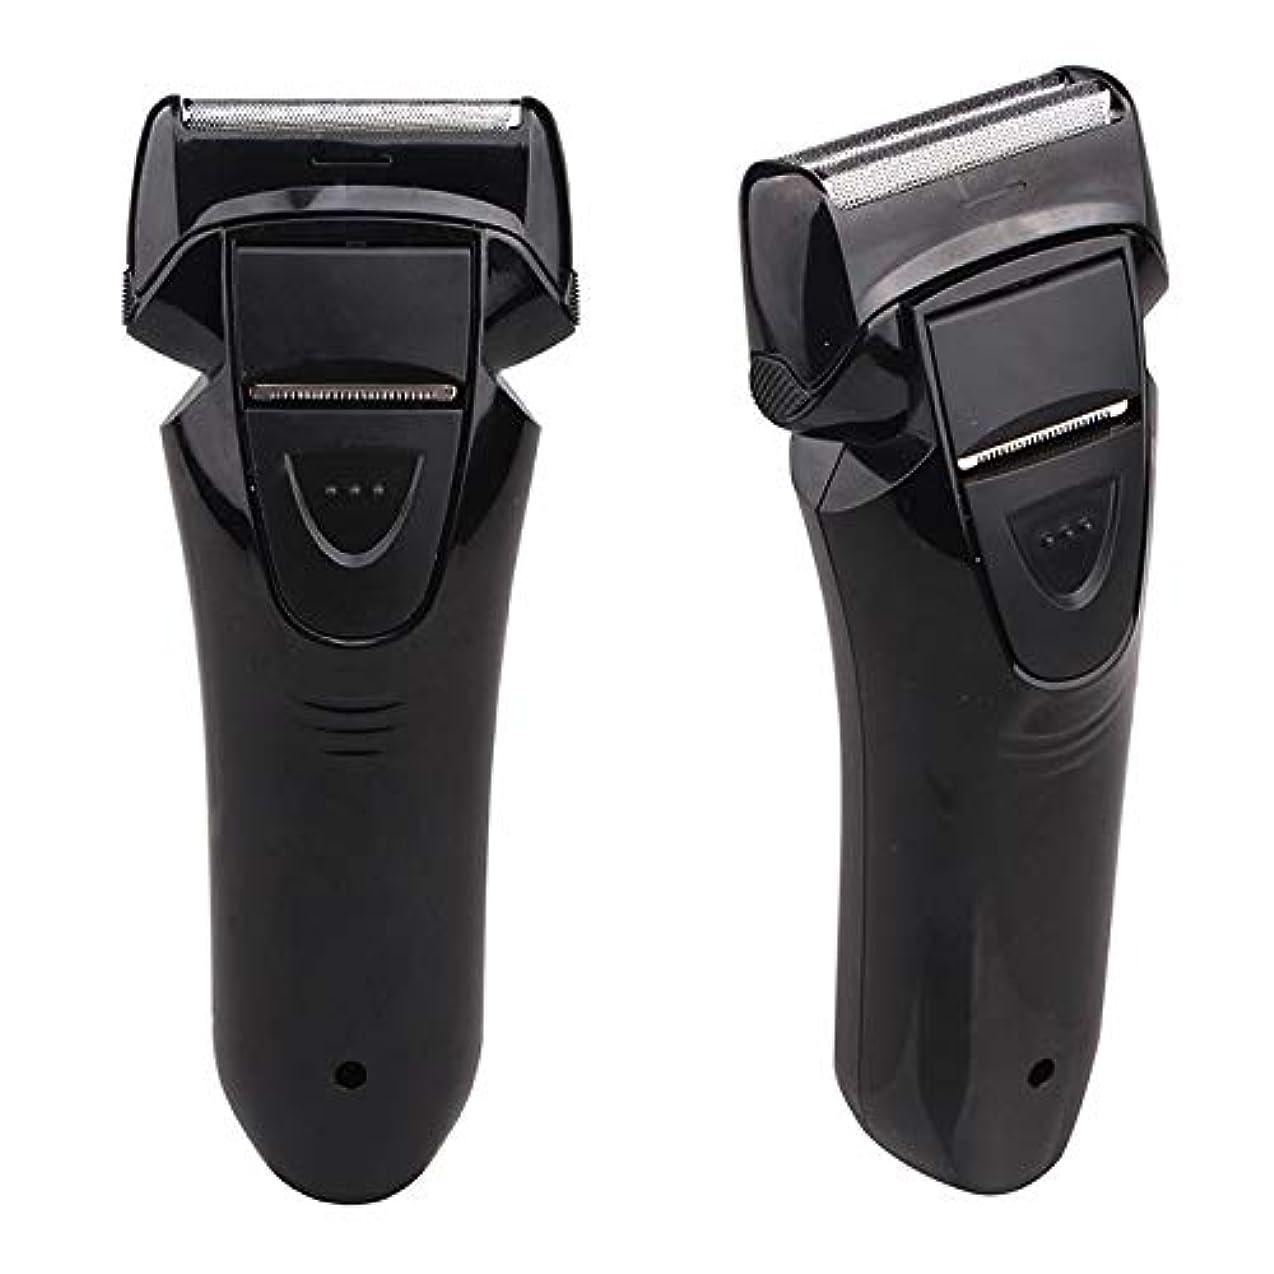 従者バラエティアークメンズシェーバー Vegetable(ベジタブル) アダプター&USB充電式2枚刃シェーバー GD-S206